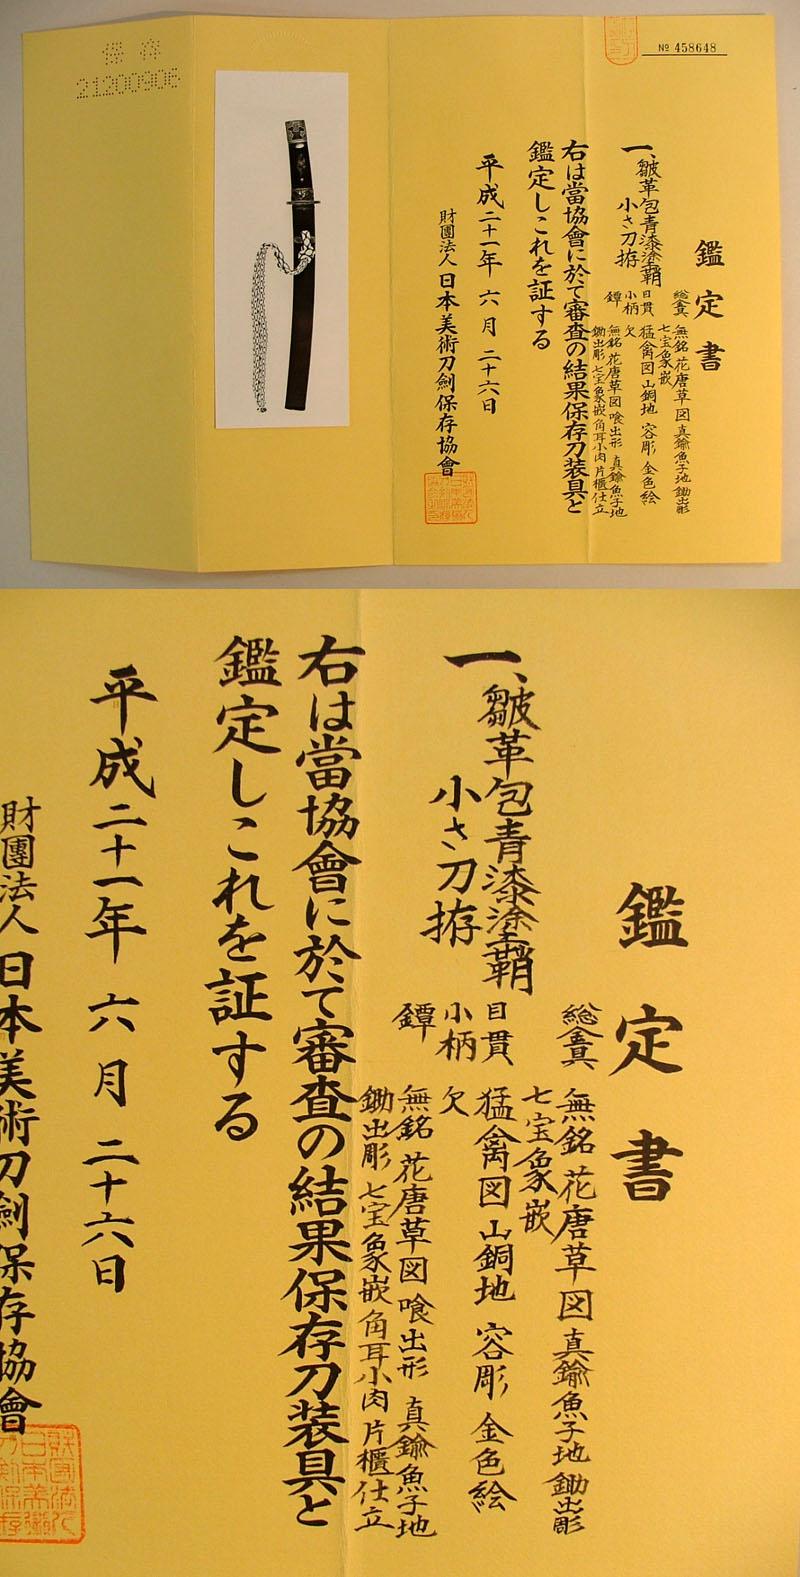 皺革包青漆塗鞘小さ刀拵 Picture of Certificate